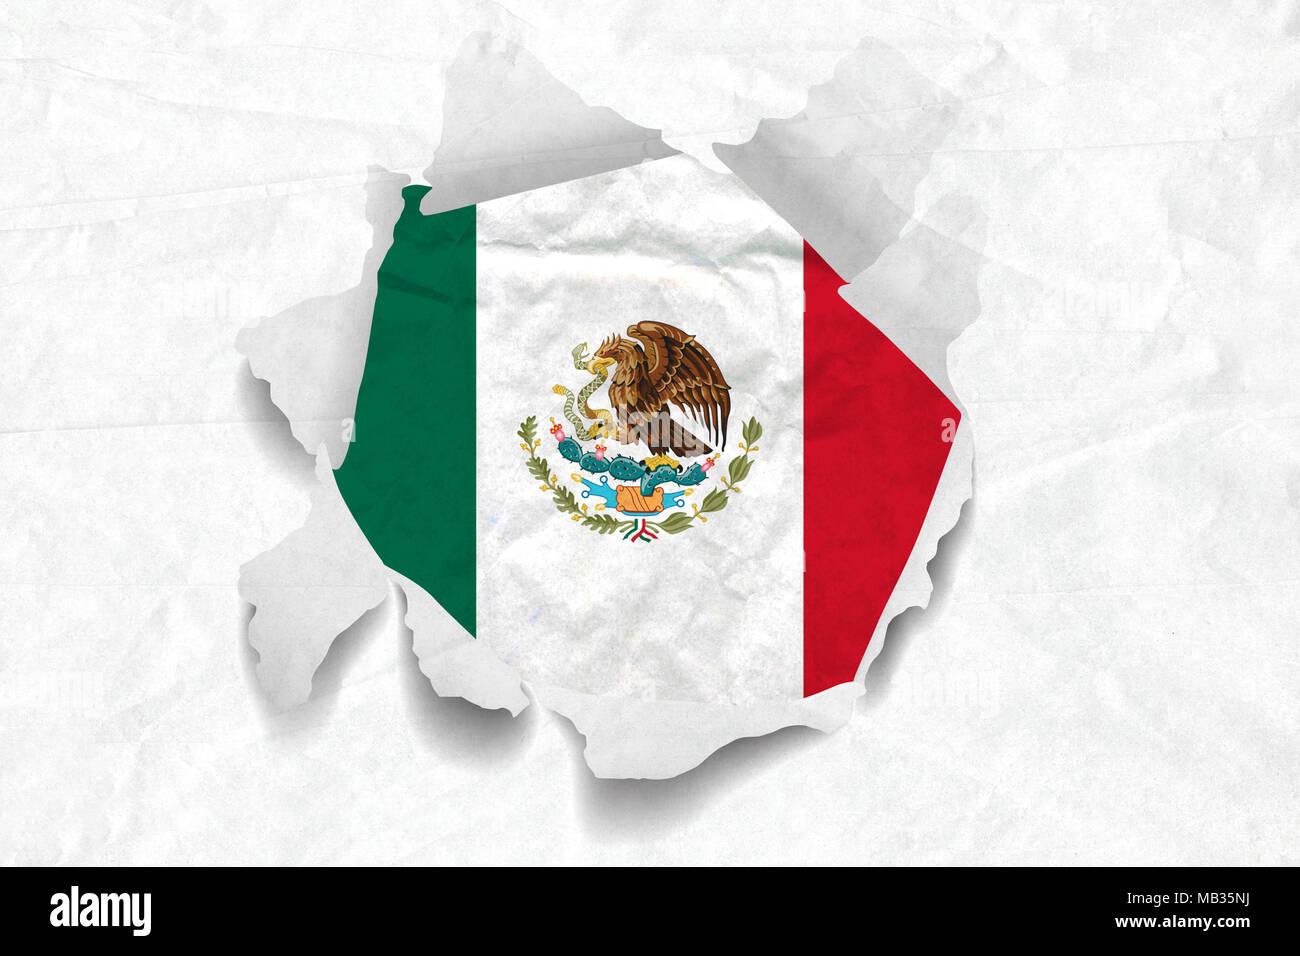 Erfreut Mexikanische Flagge Färbung Seite Fotos - Malvorlagen Von ...